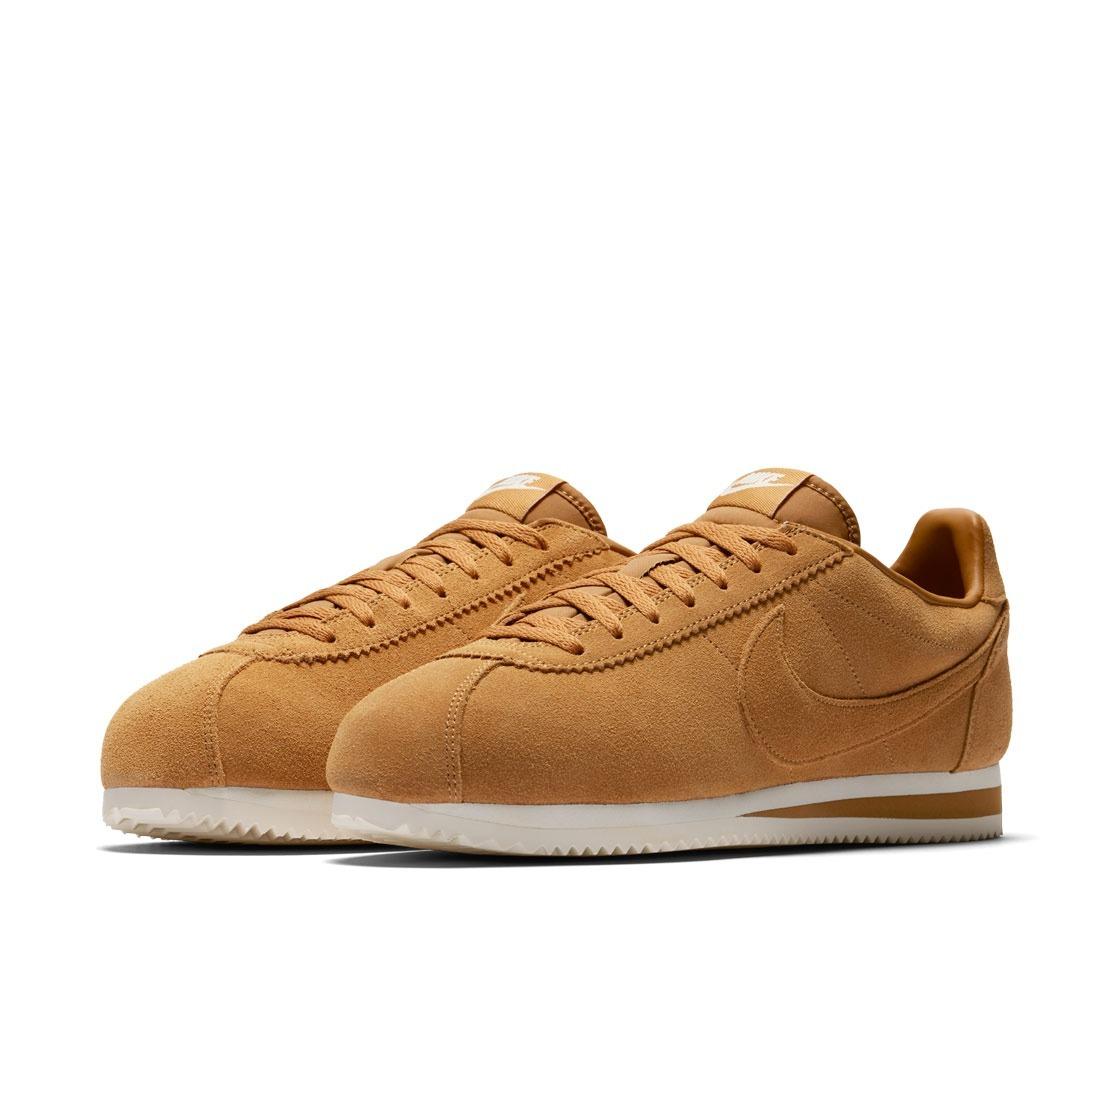 5346a629 zapatillas nike cortez wheat crema marrón arena nuevo 2018. Cargando zoom.